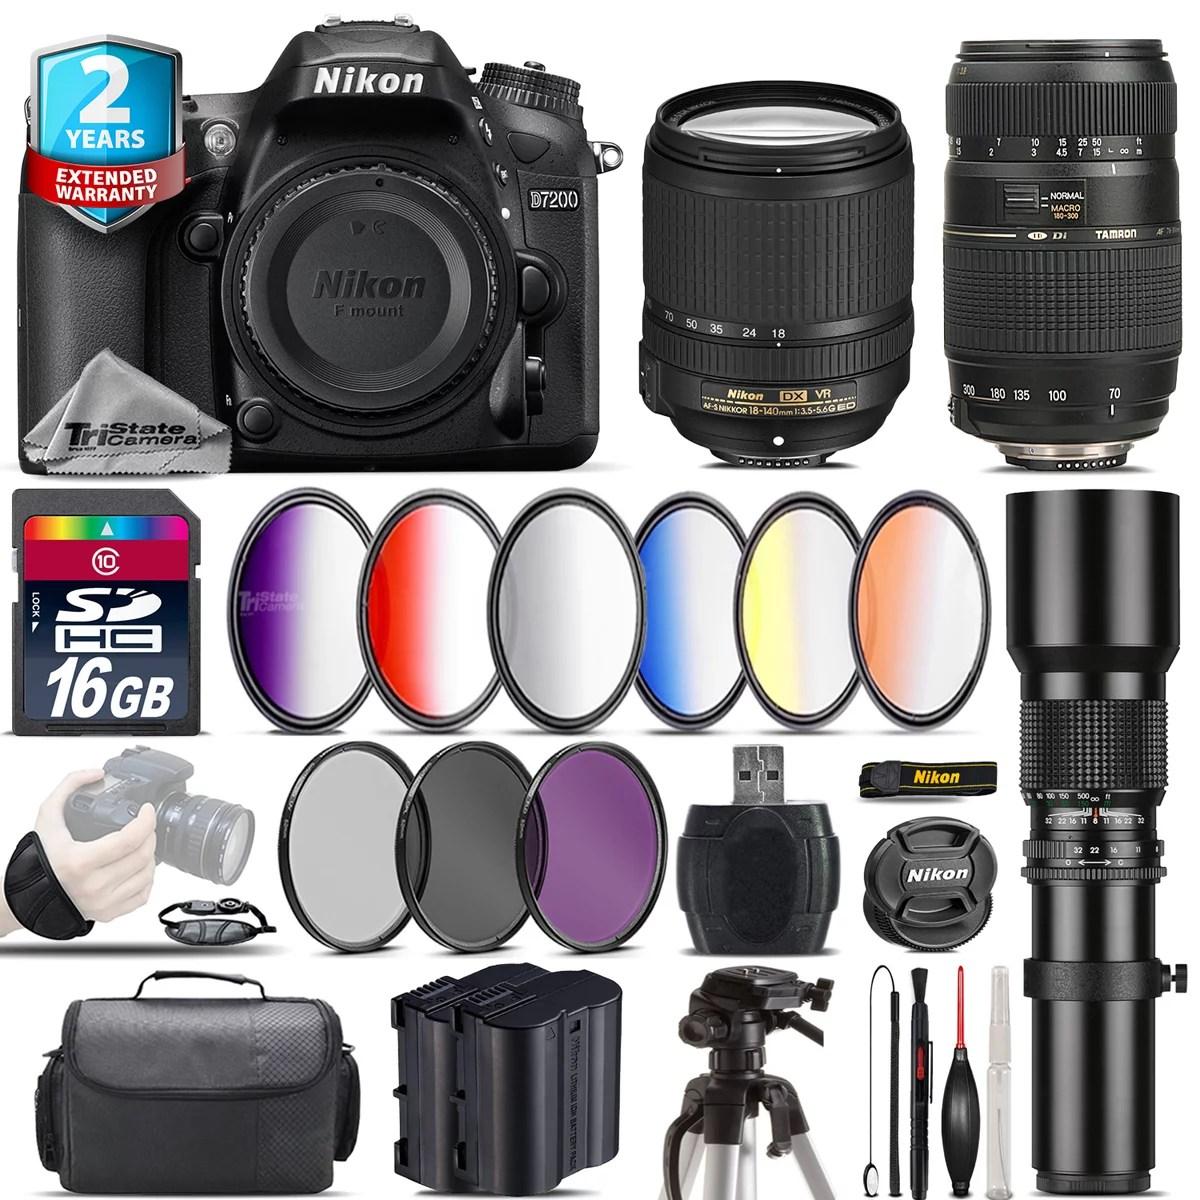 Nikon D7200 DSLR + AFS 18-140mm VR + 70-300mm Lens + Extra Battery - 16GB Bundle - Walmart.com - Walmart.com